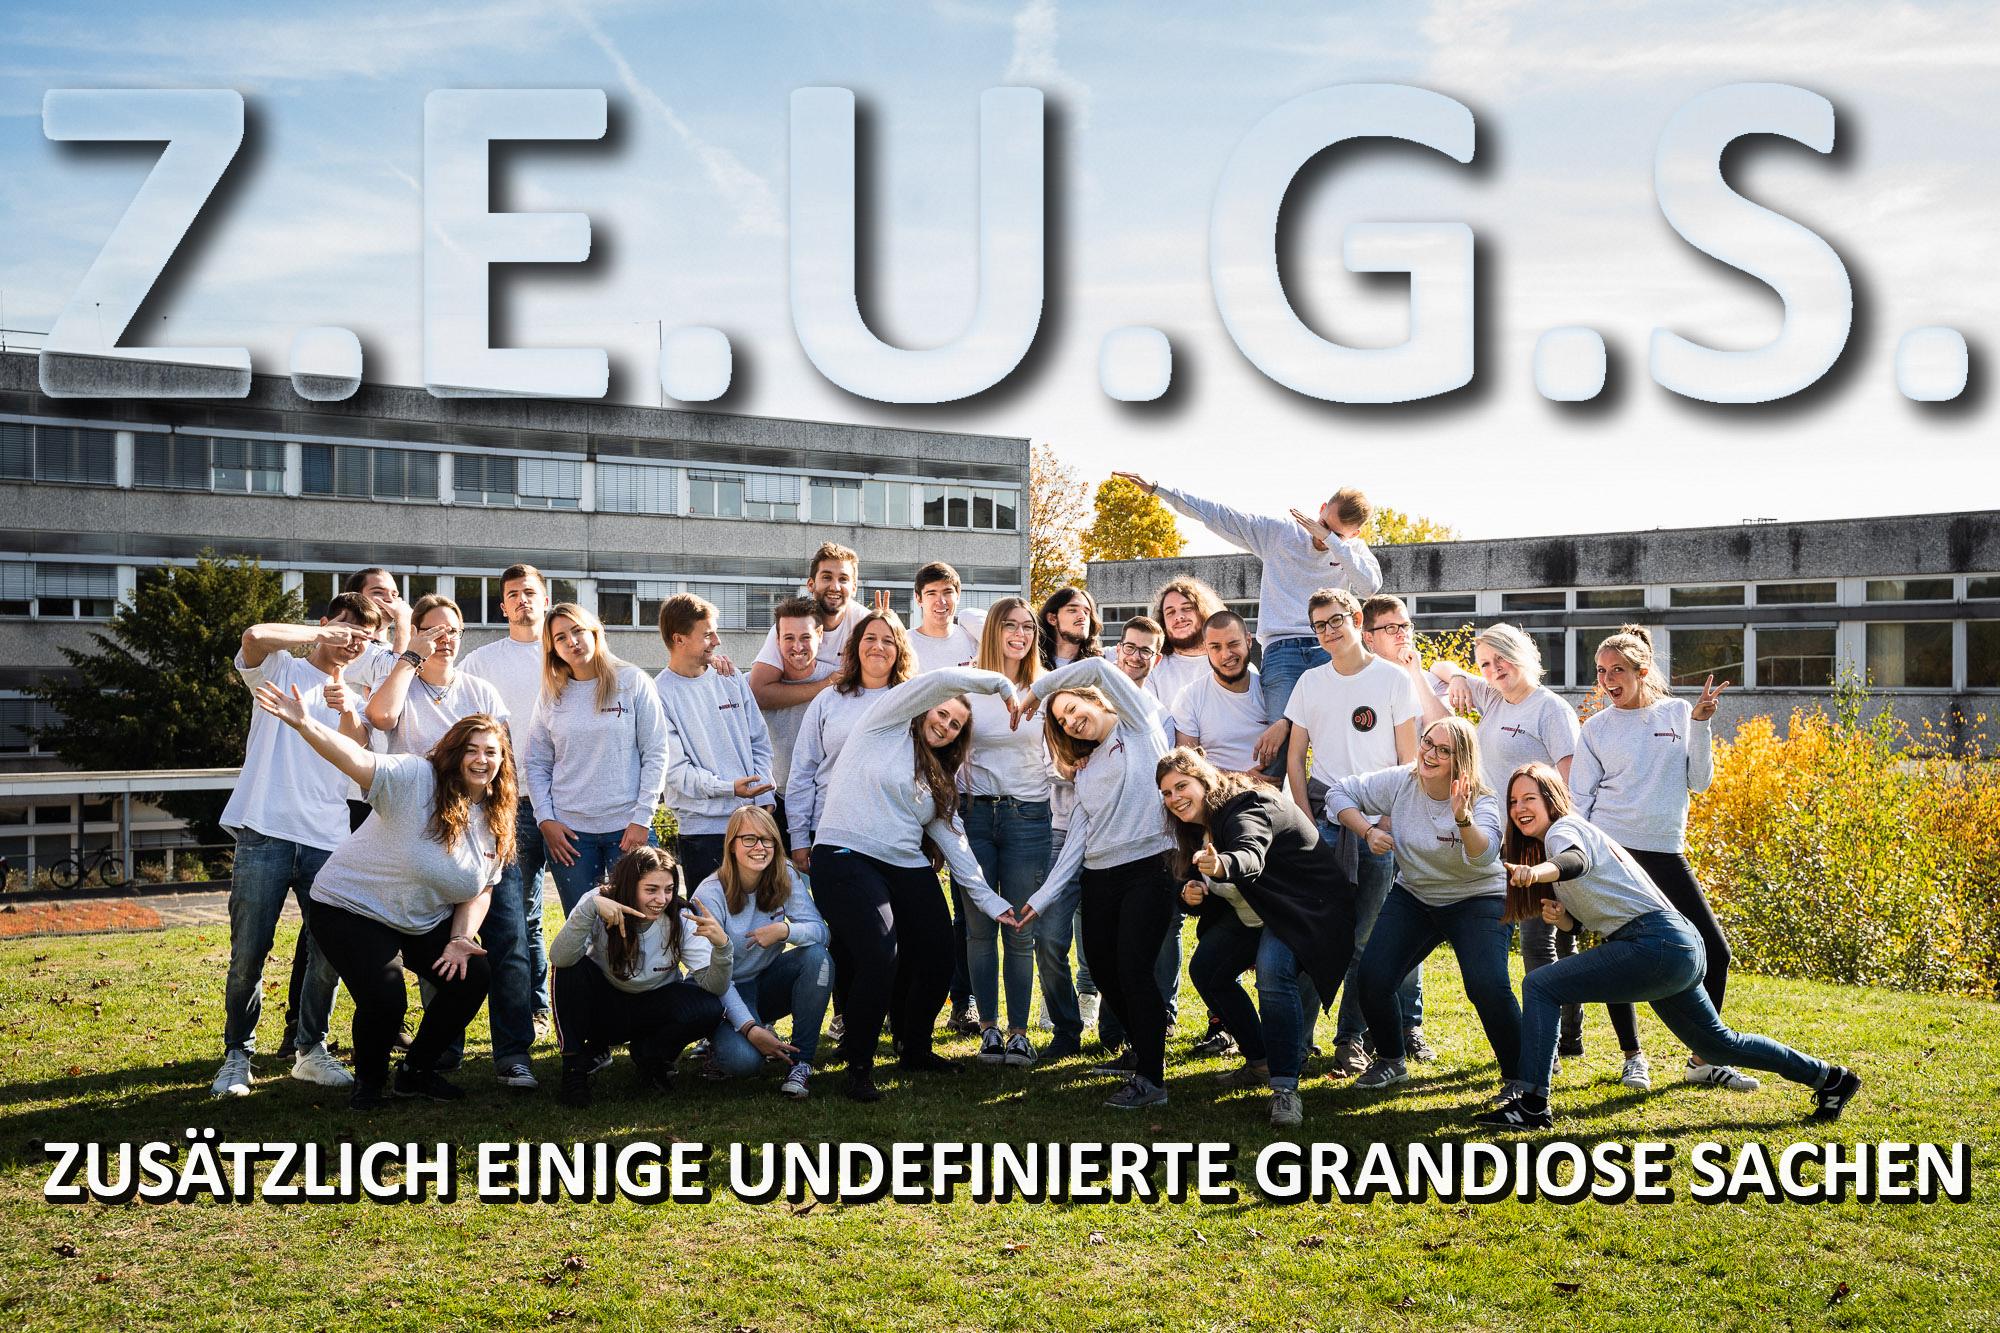 Z.E.U.G.S. vom 05.07.2019